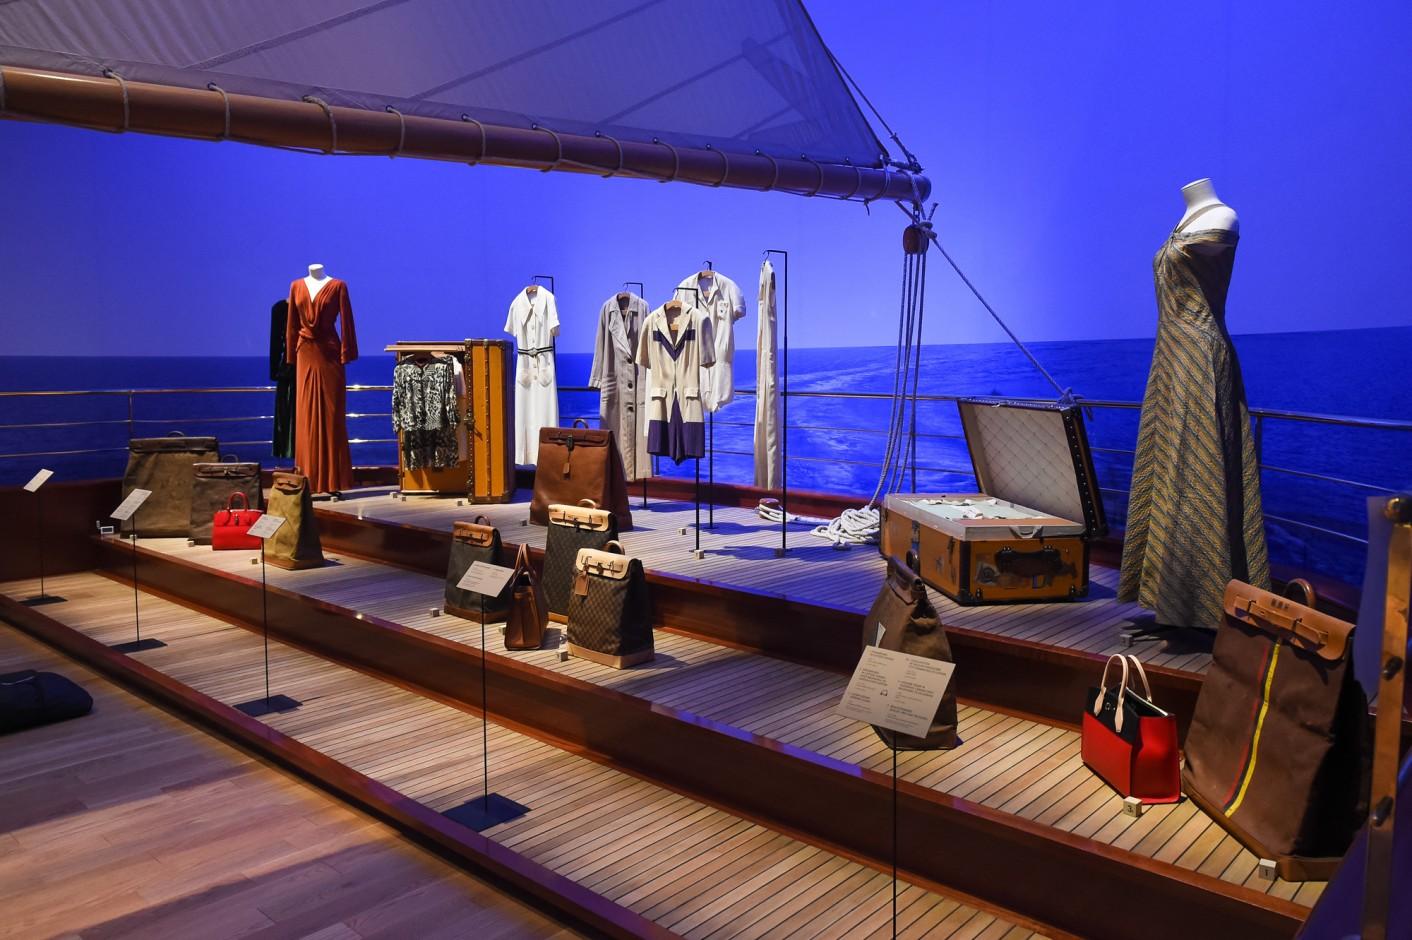 louis-vuitton-volez-voguez-voyagez-exhibition-new-york-8